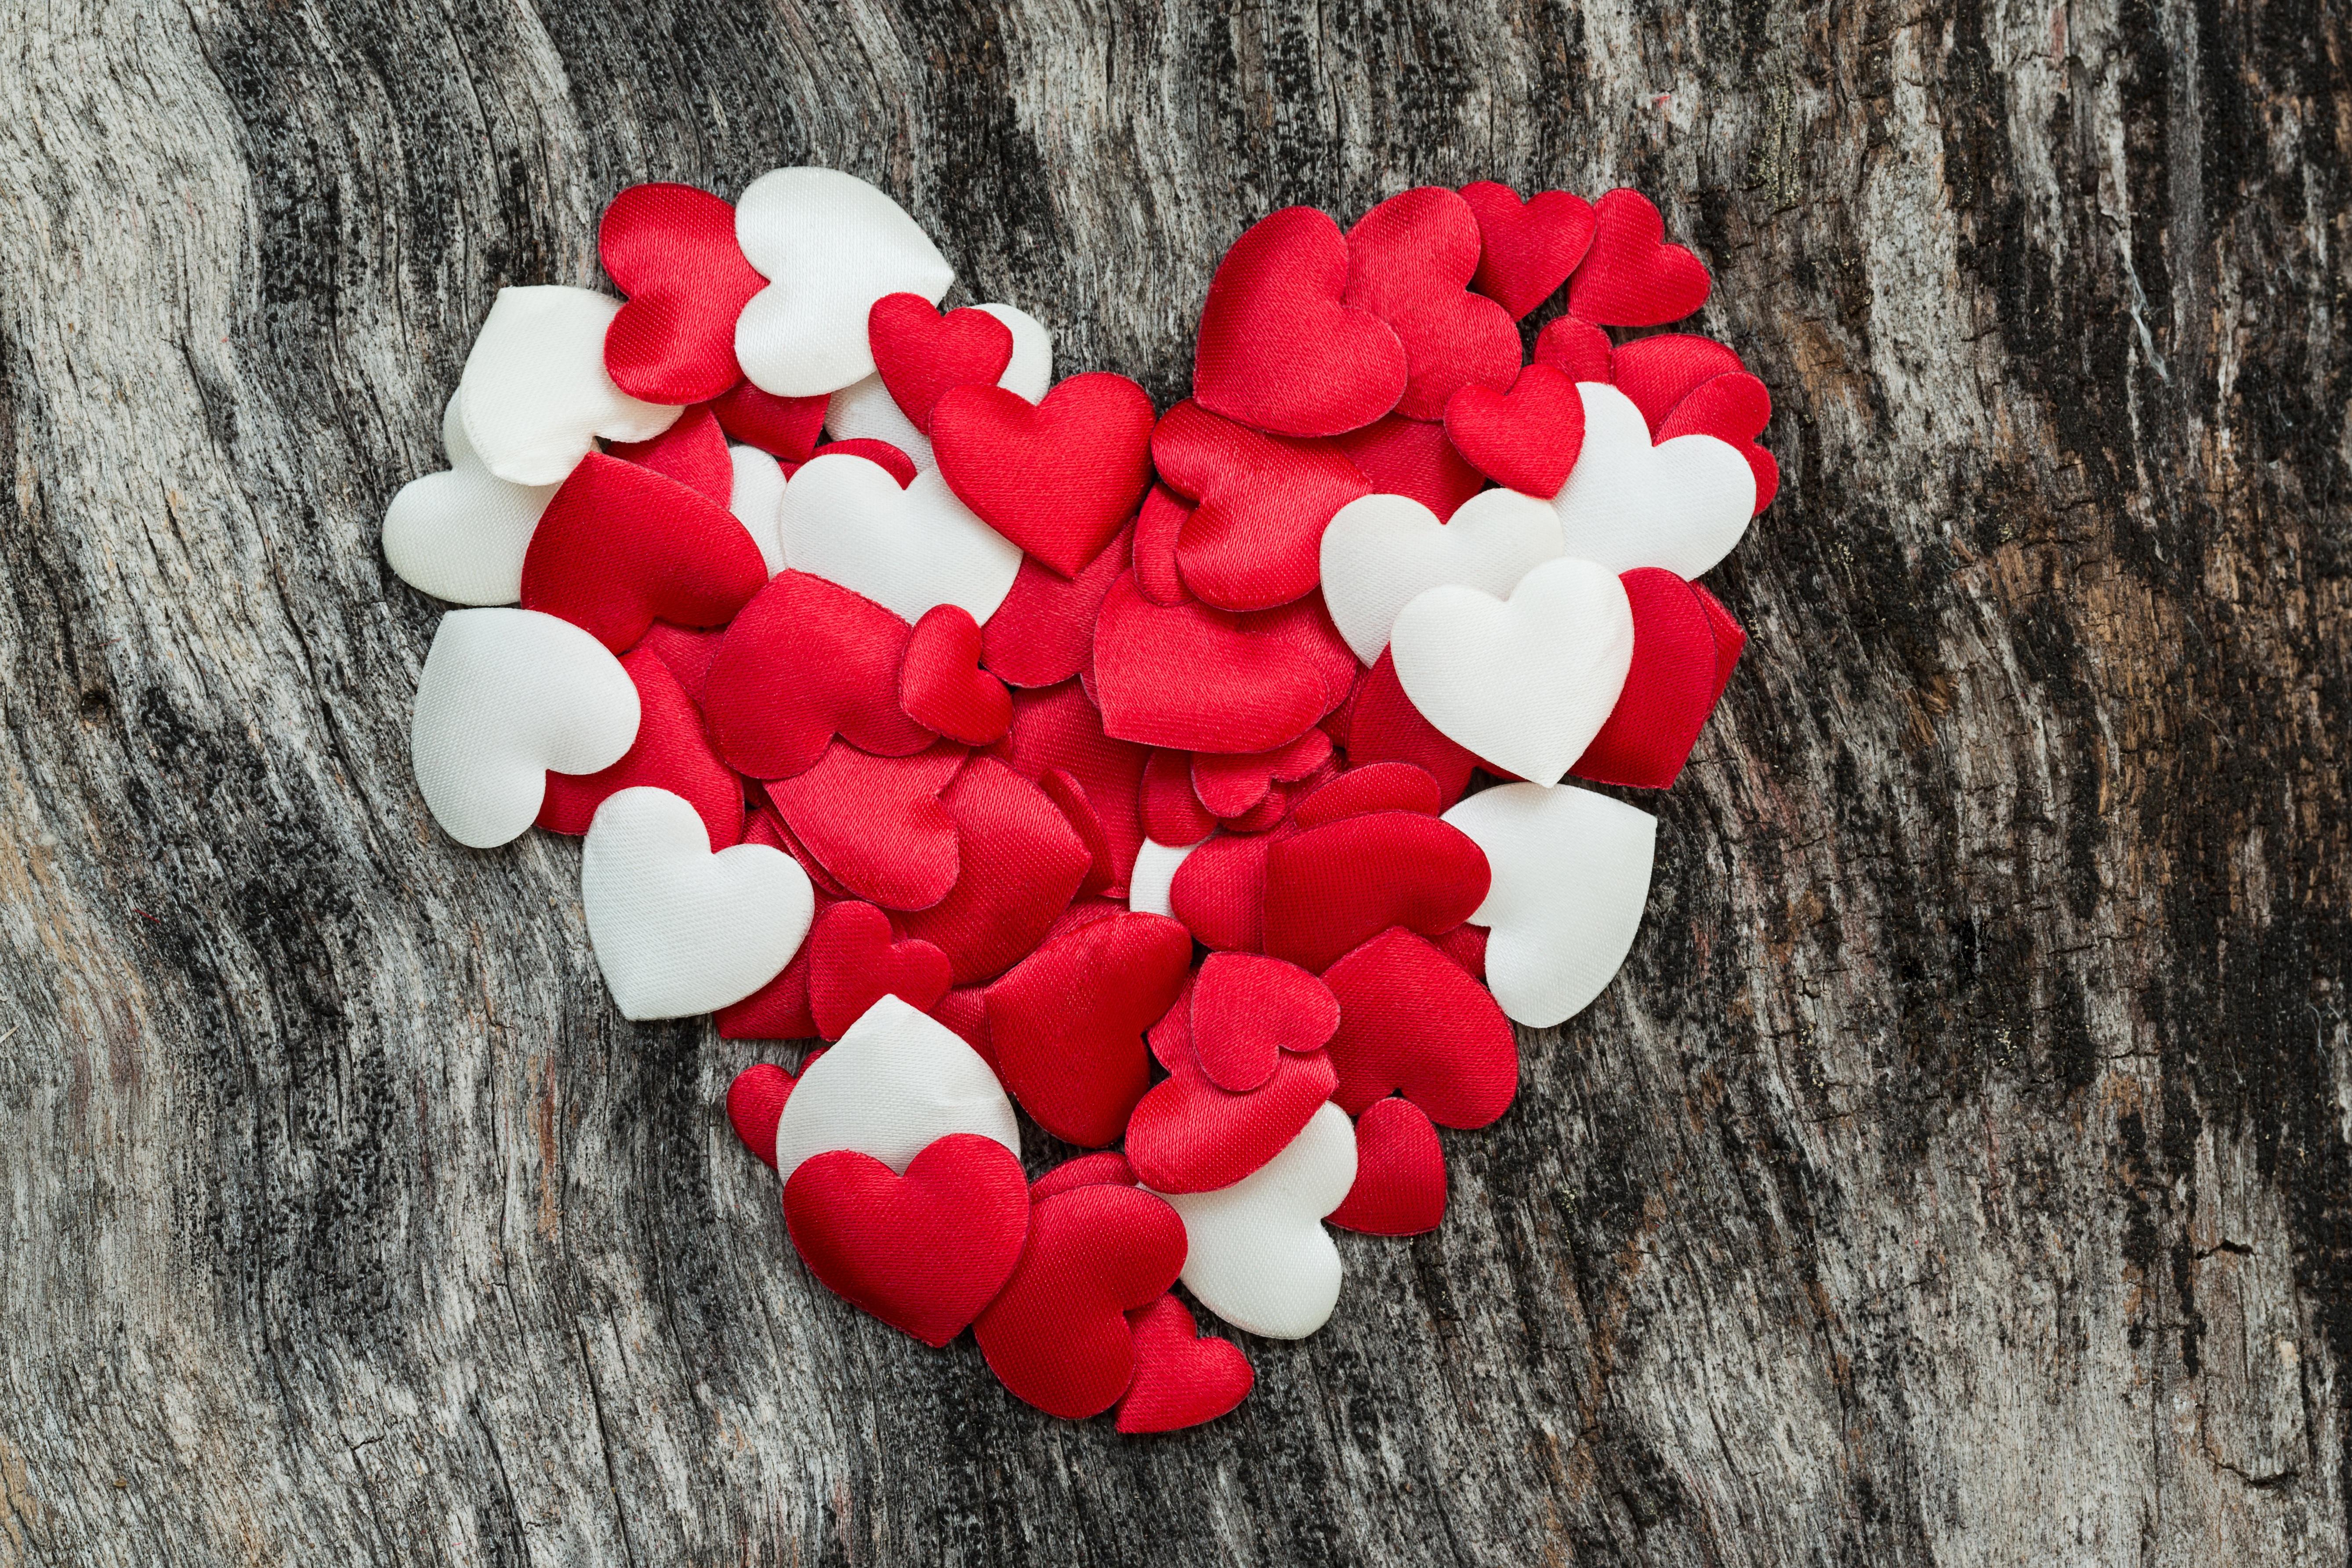 Любовные картинки с сердечками, картинки телефон вертикальные